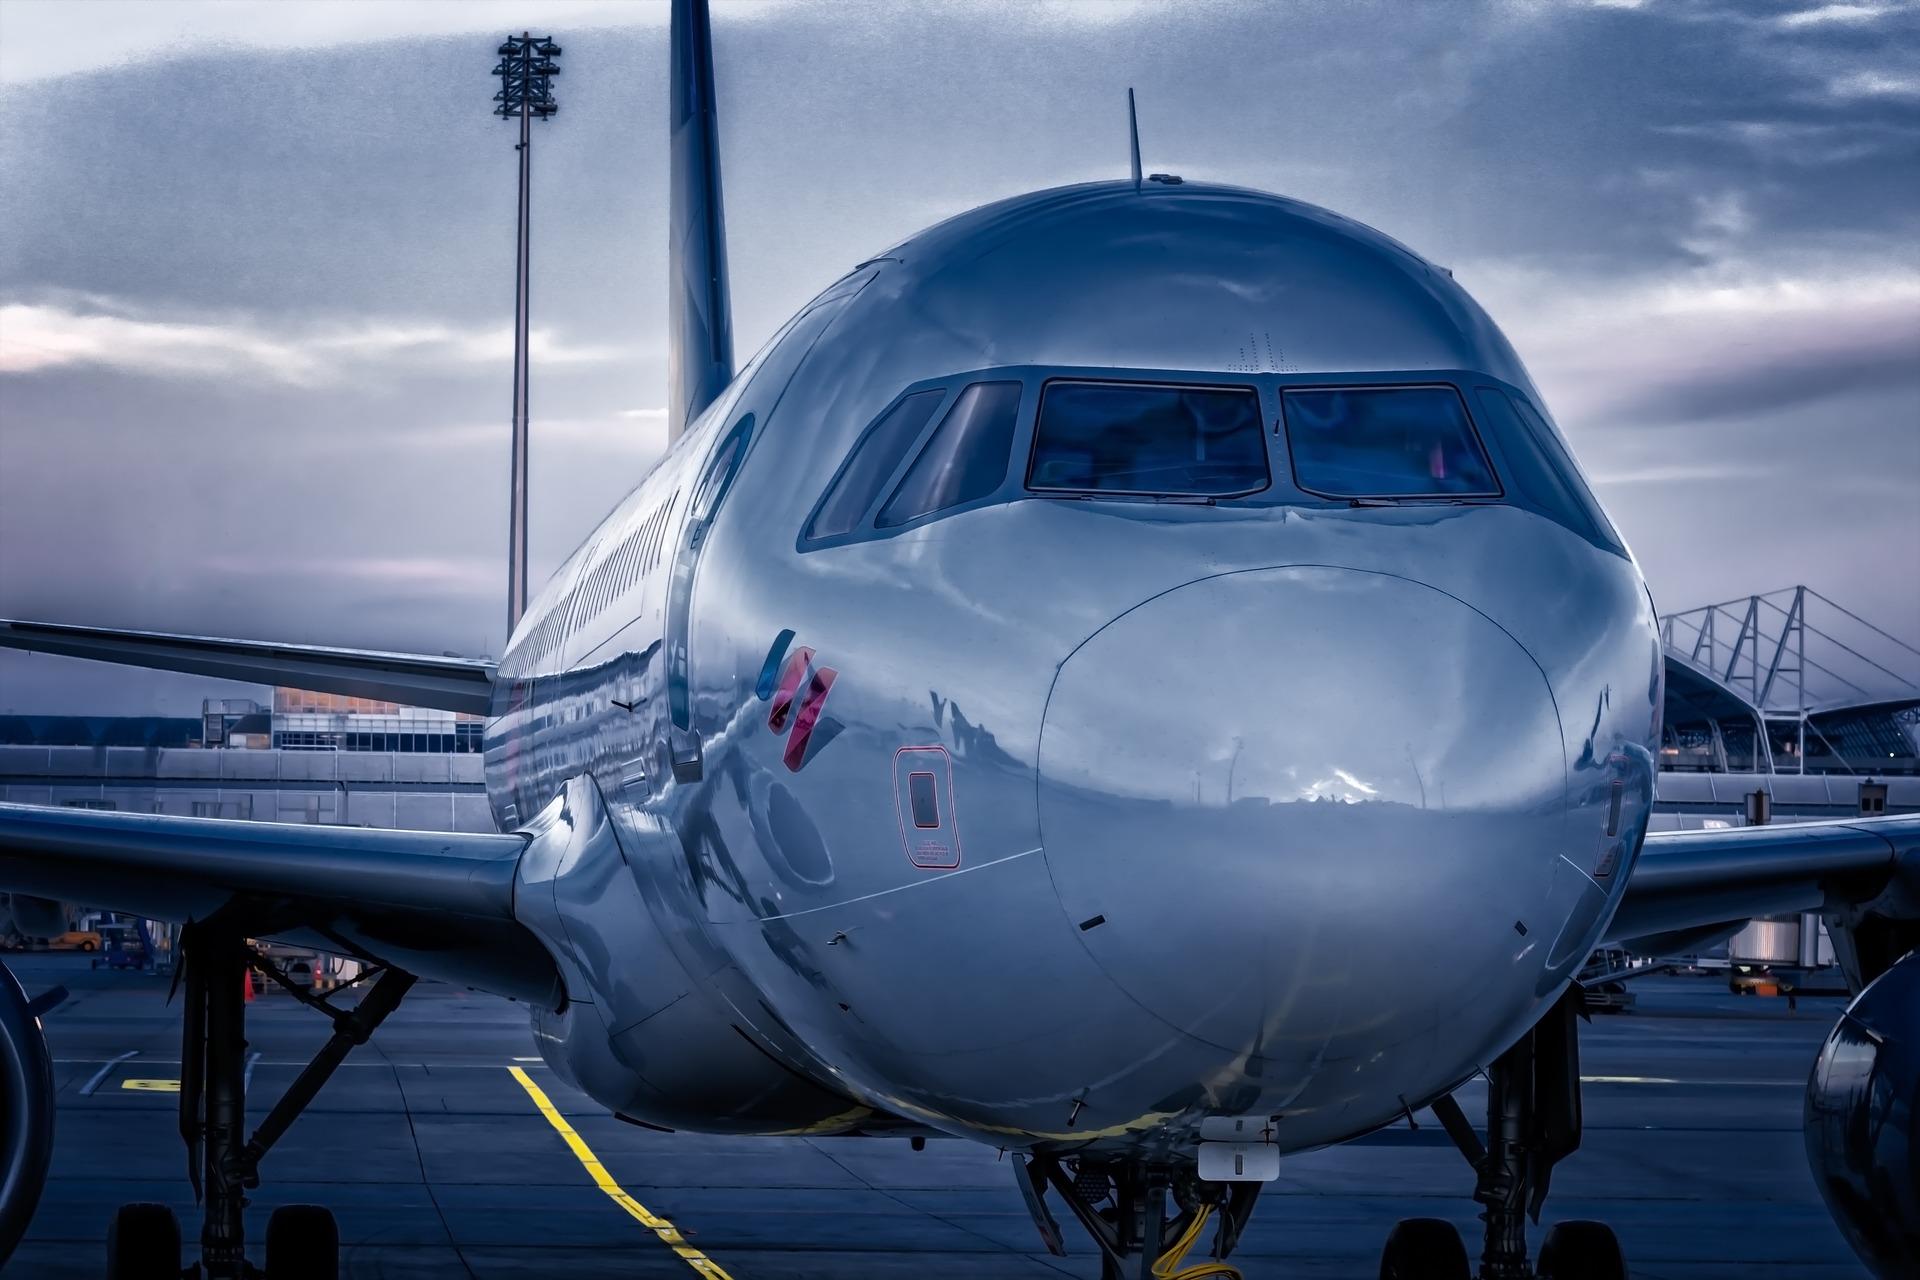 aircraft-3761684_1920